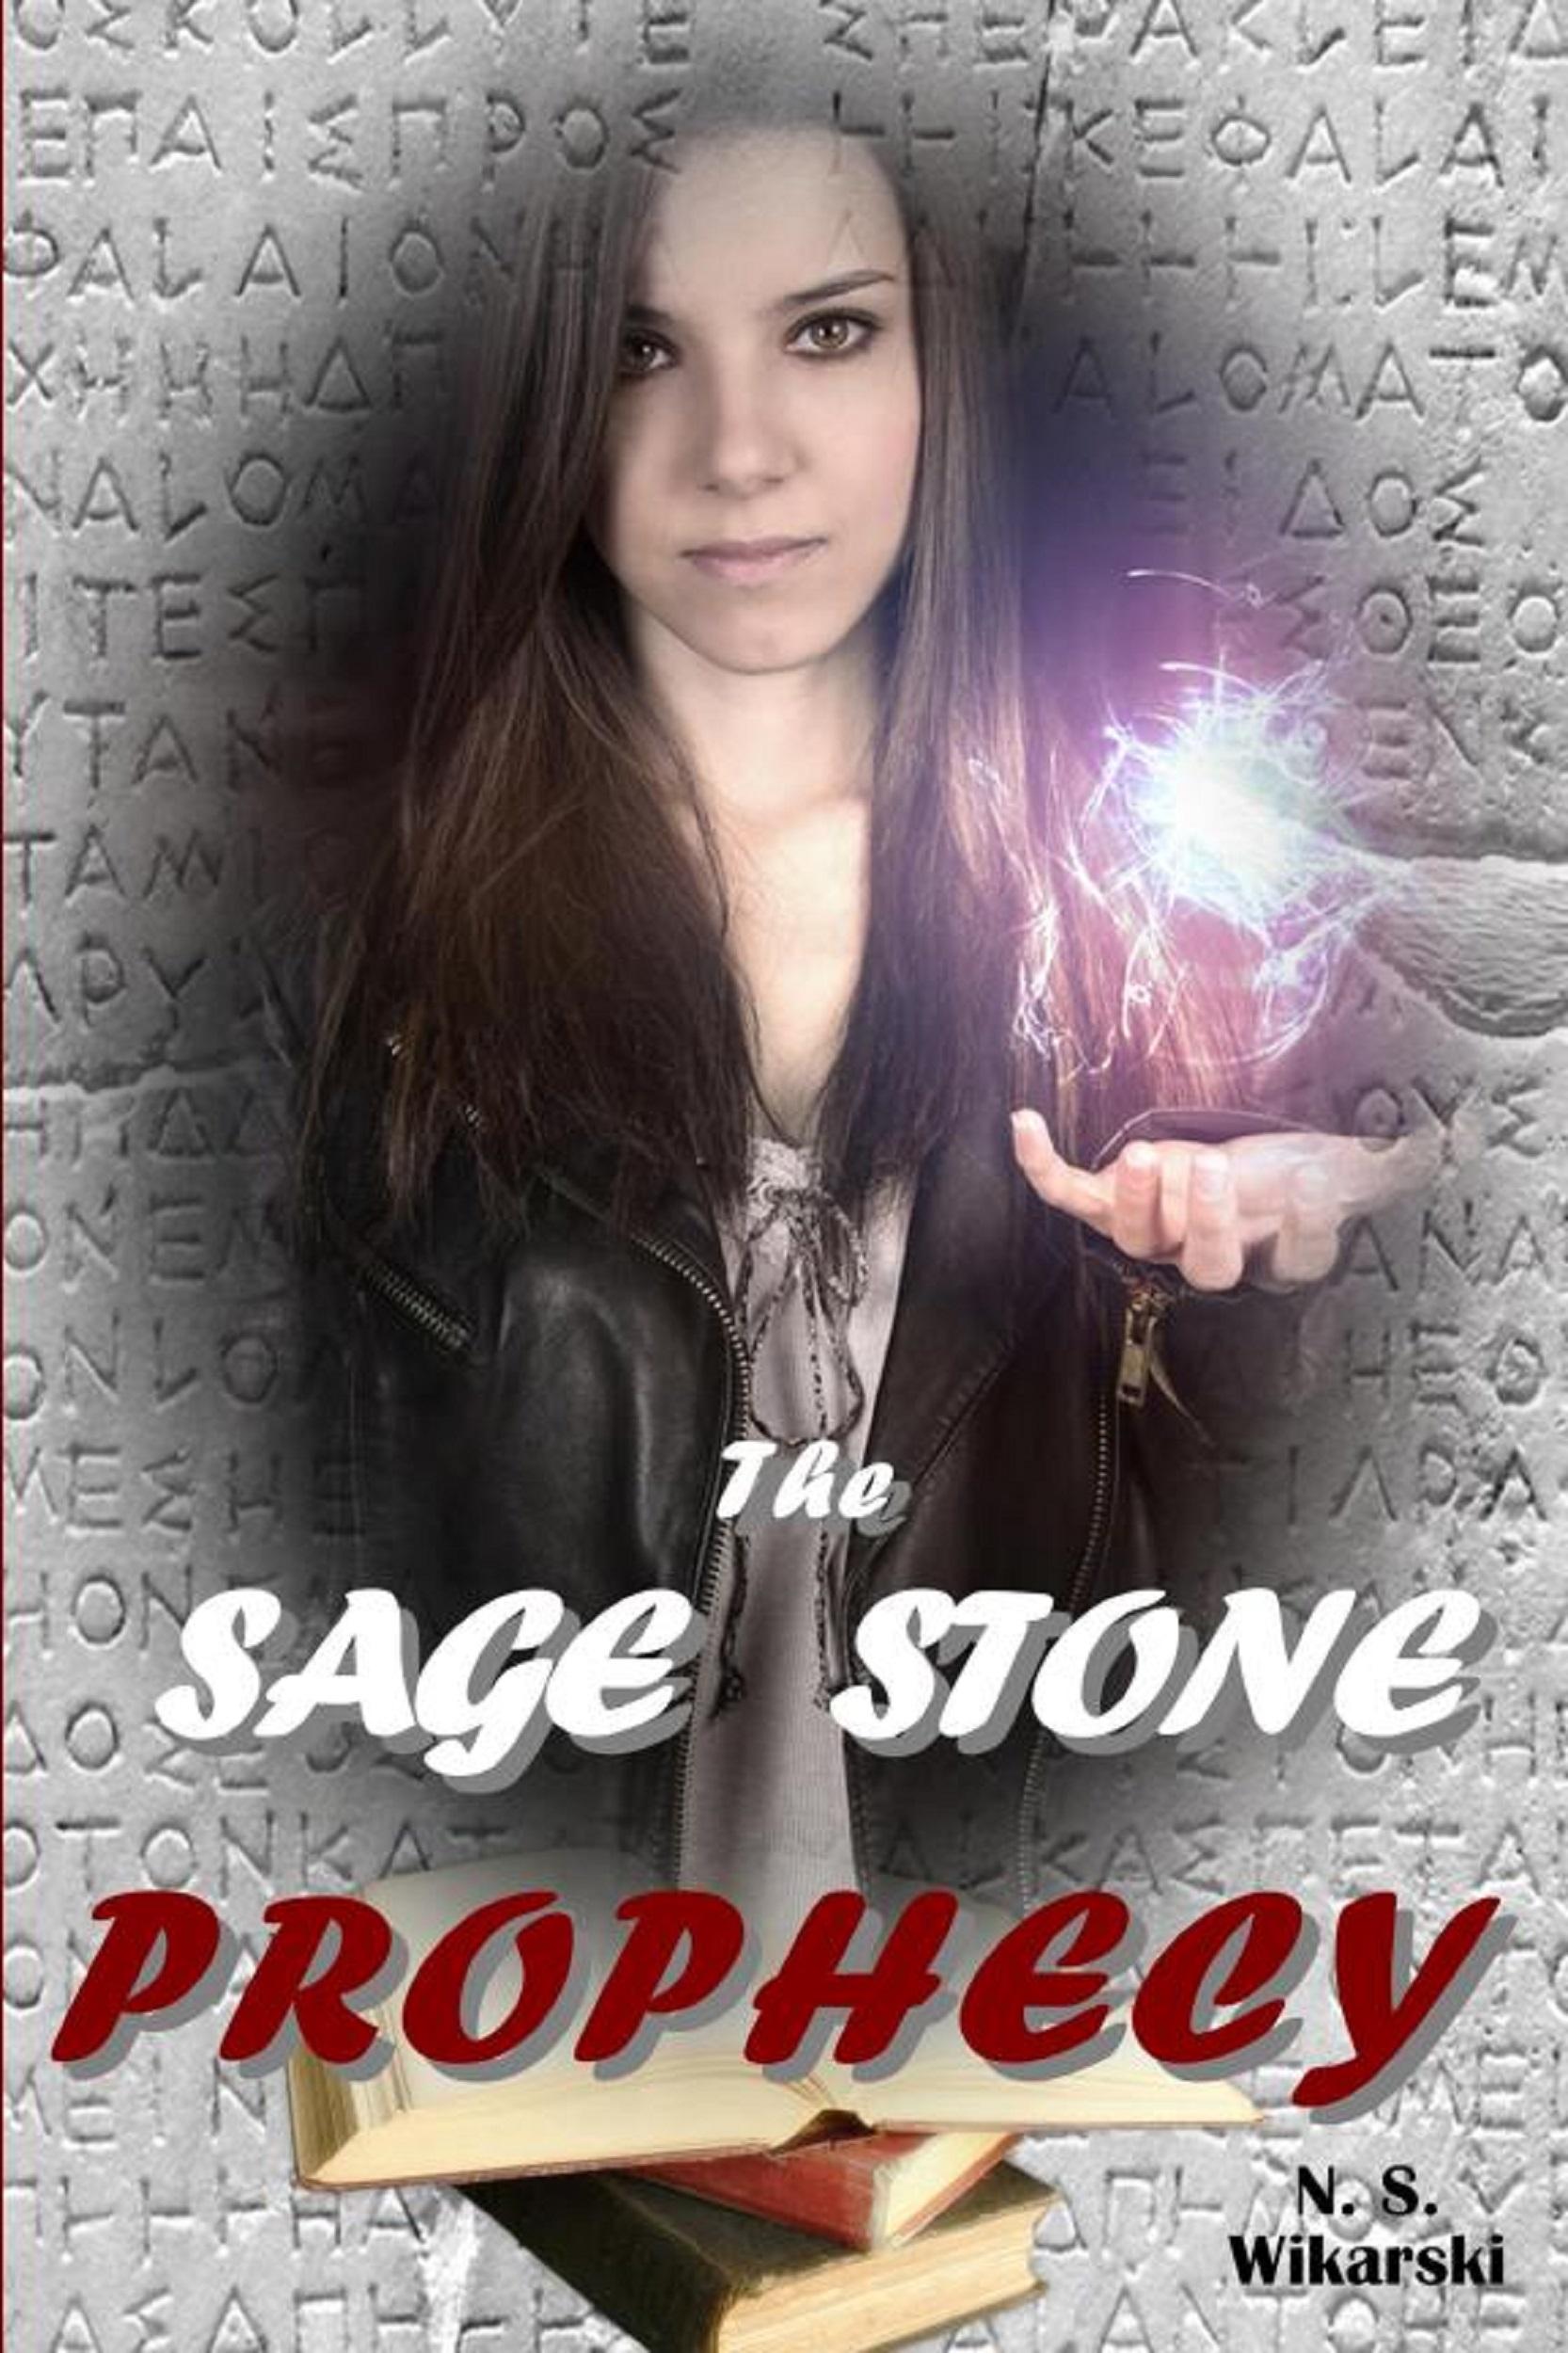 The Sage Stone Prophecy by N. S. Wikarski